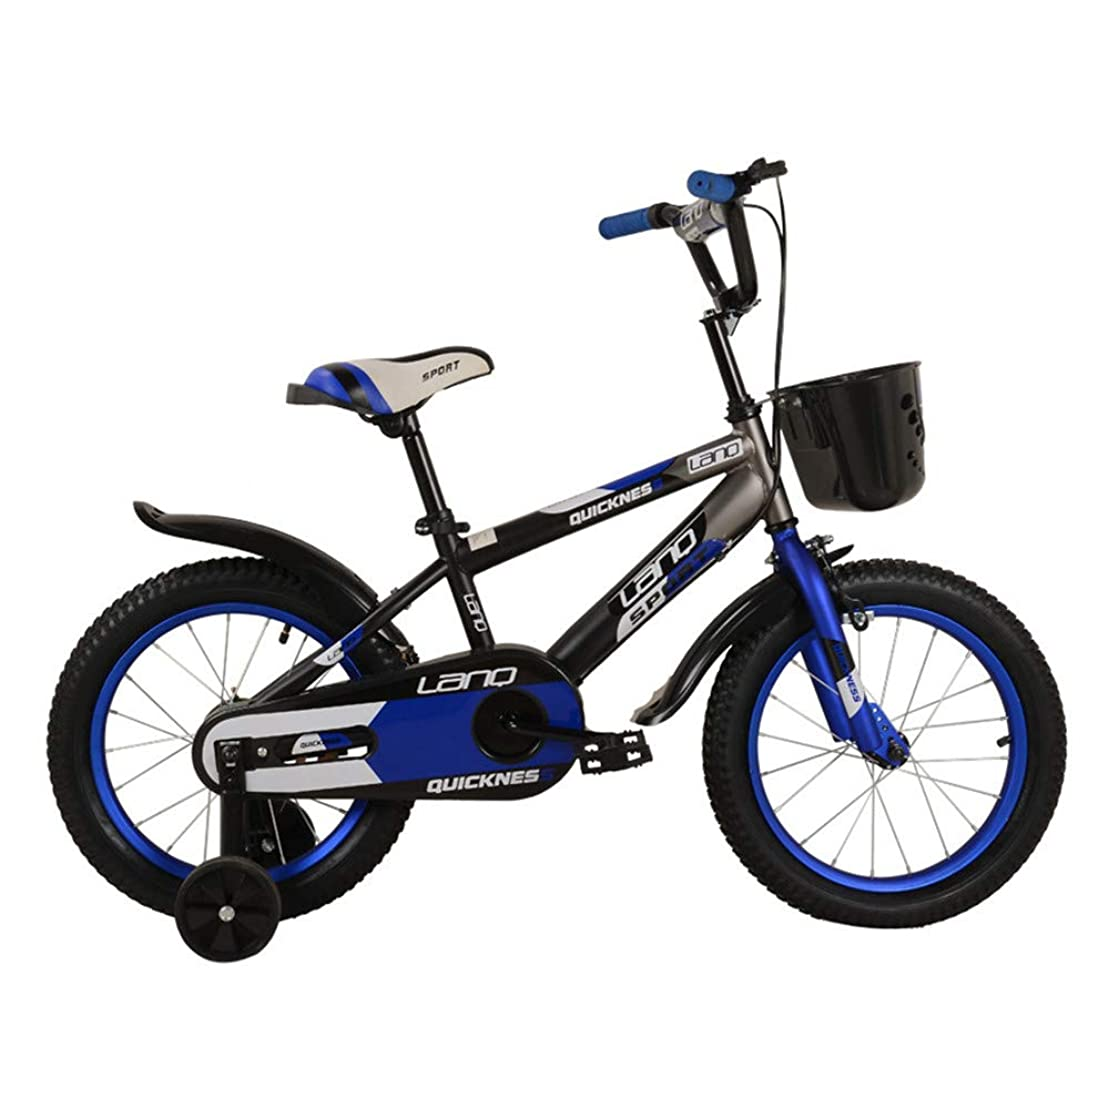 ホイール第領収書室内自転車 フィットネスバイク キッズボーイズギルズバイク12inch Stablizers年齢3-5Y エアロフィットネス バイク (色 : 青)